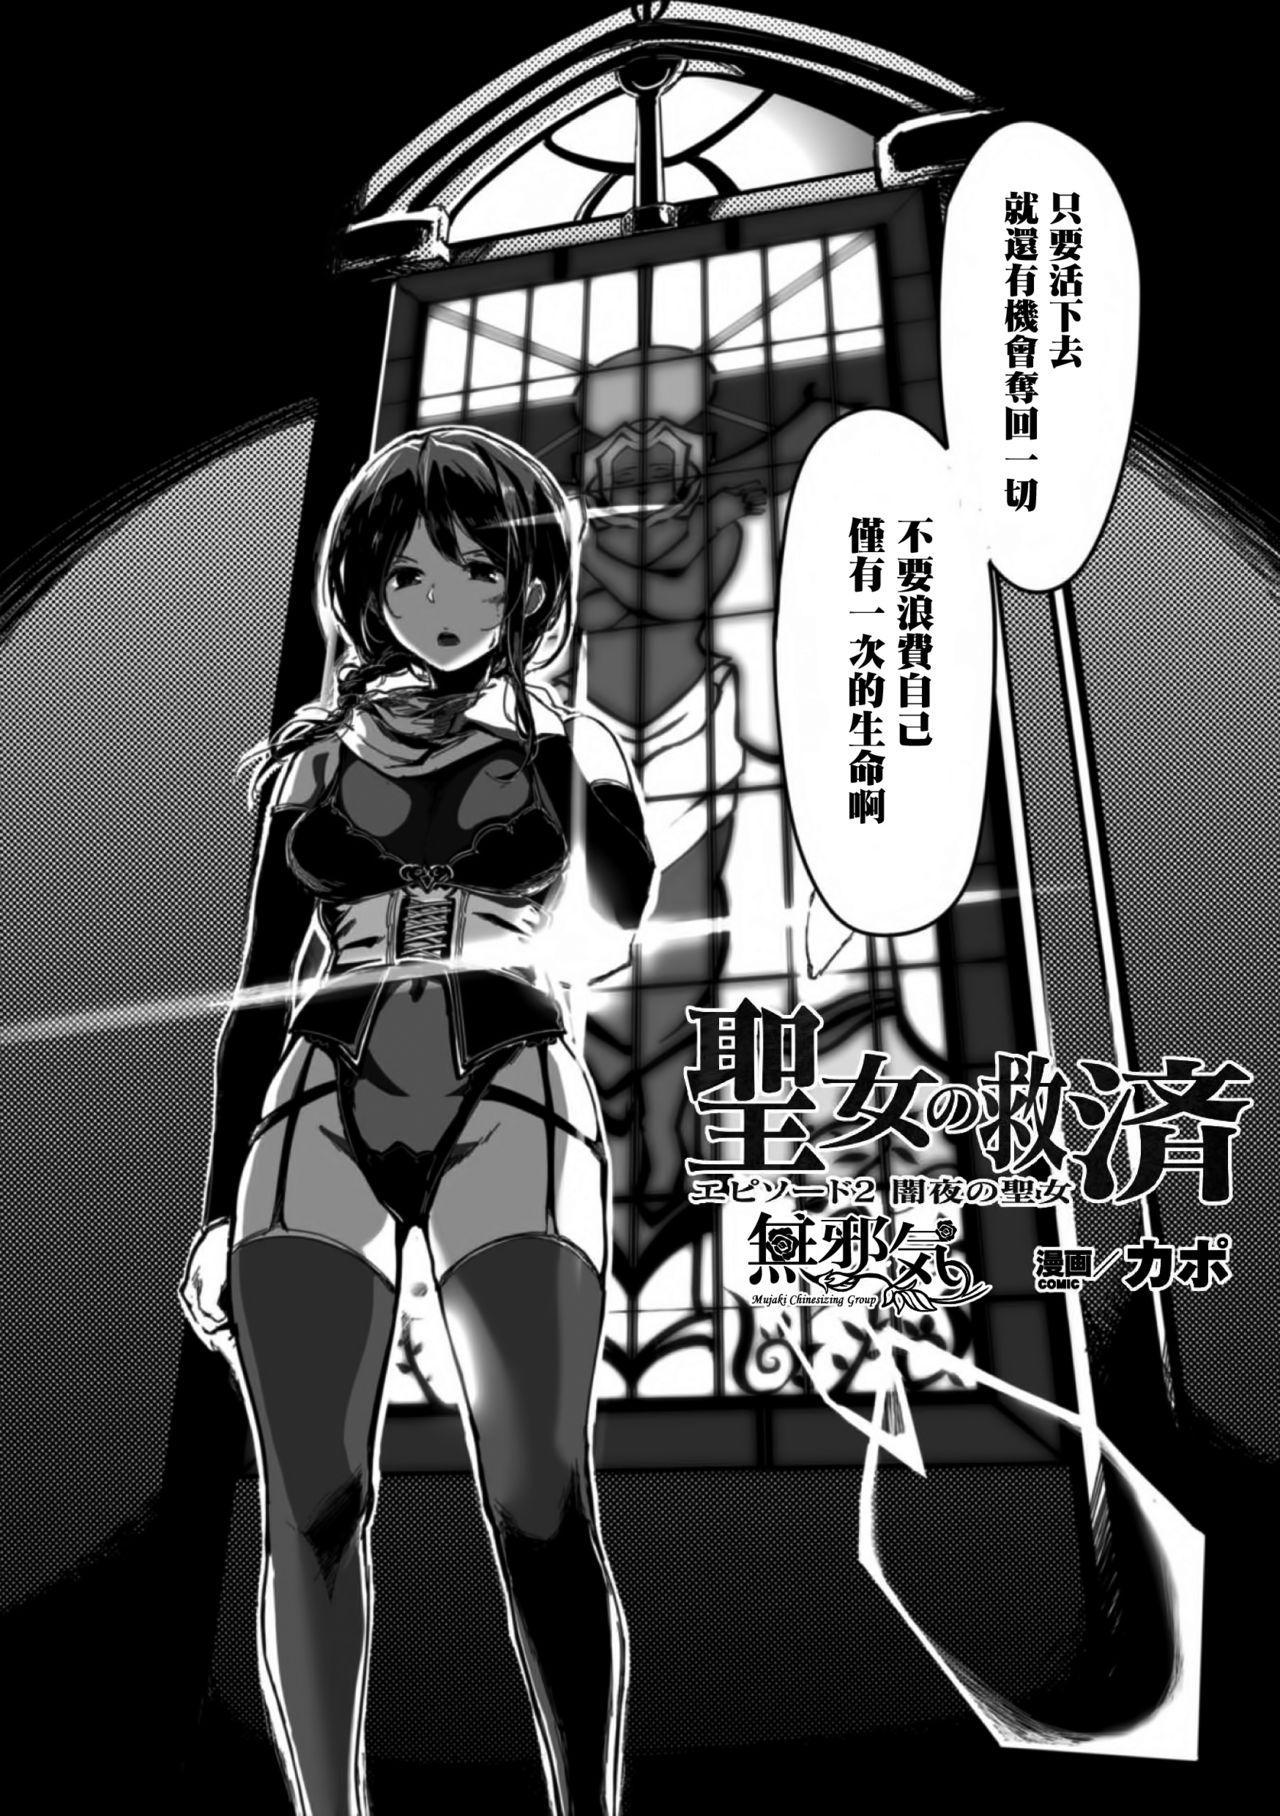 Seijo no Kyusai Episode2 Anya no Seijo 5